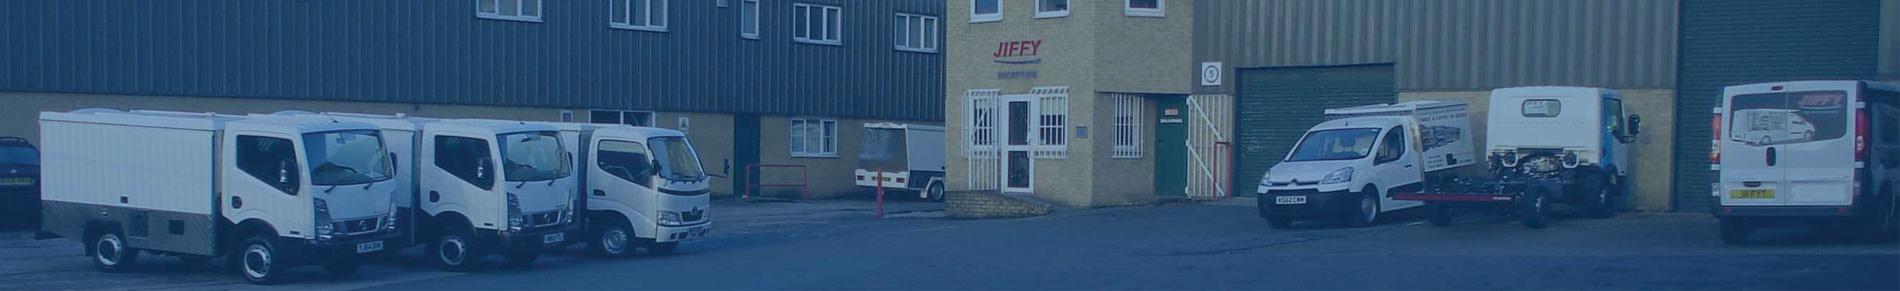 Jiffy Trucks